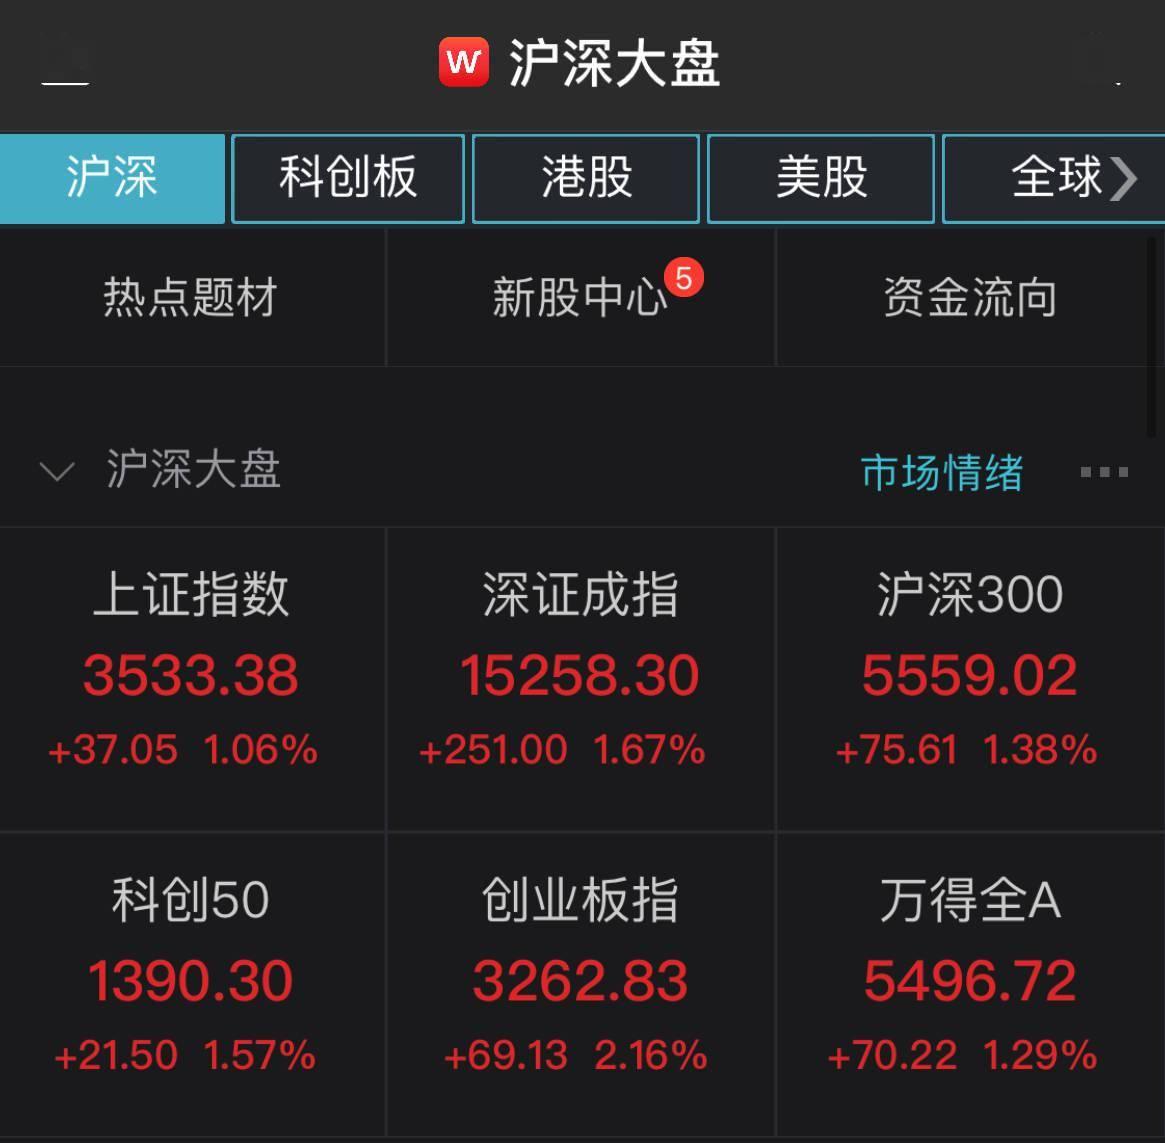 三大股指反弹。上证综指上涨1.06%。酒店业领涨